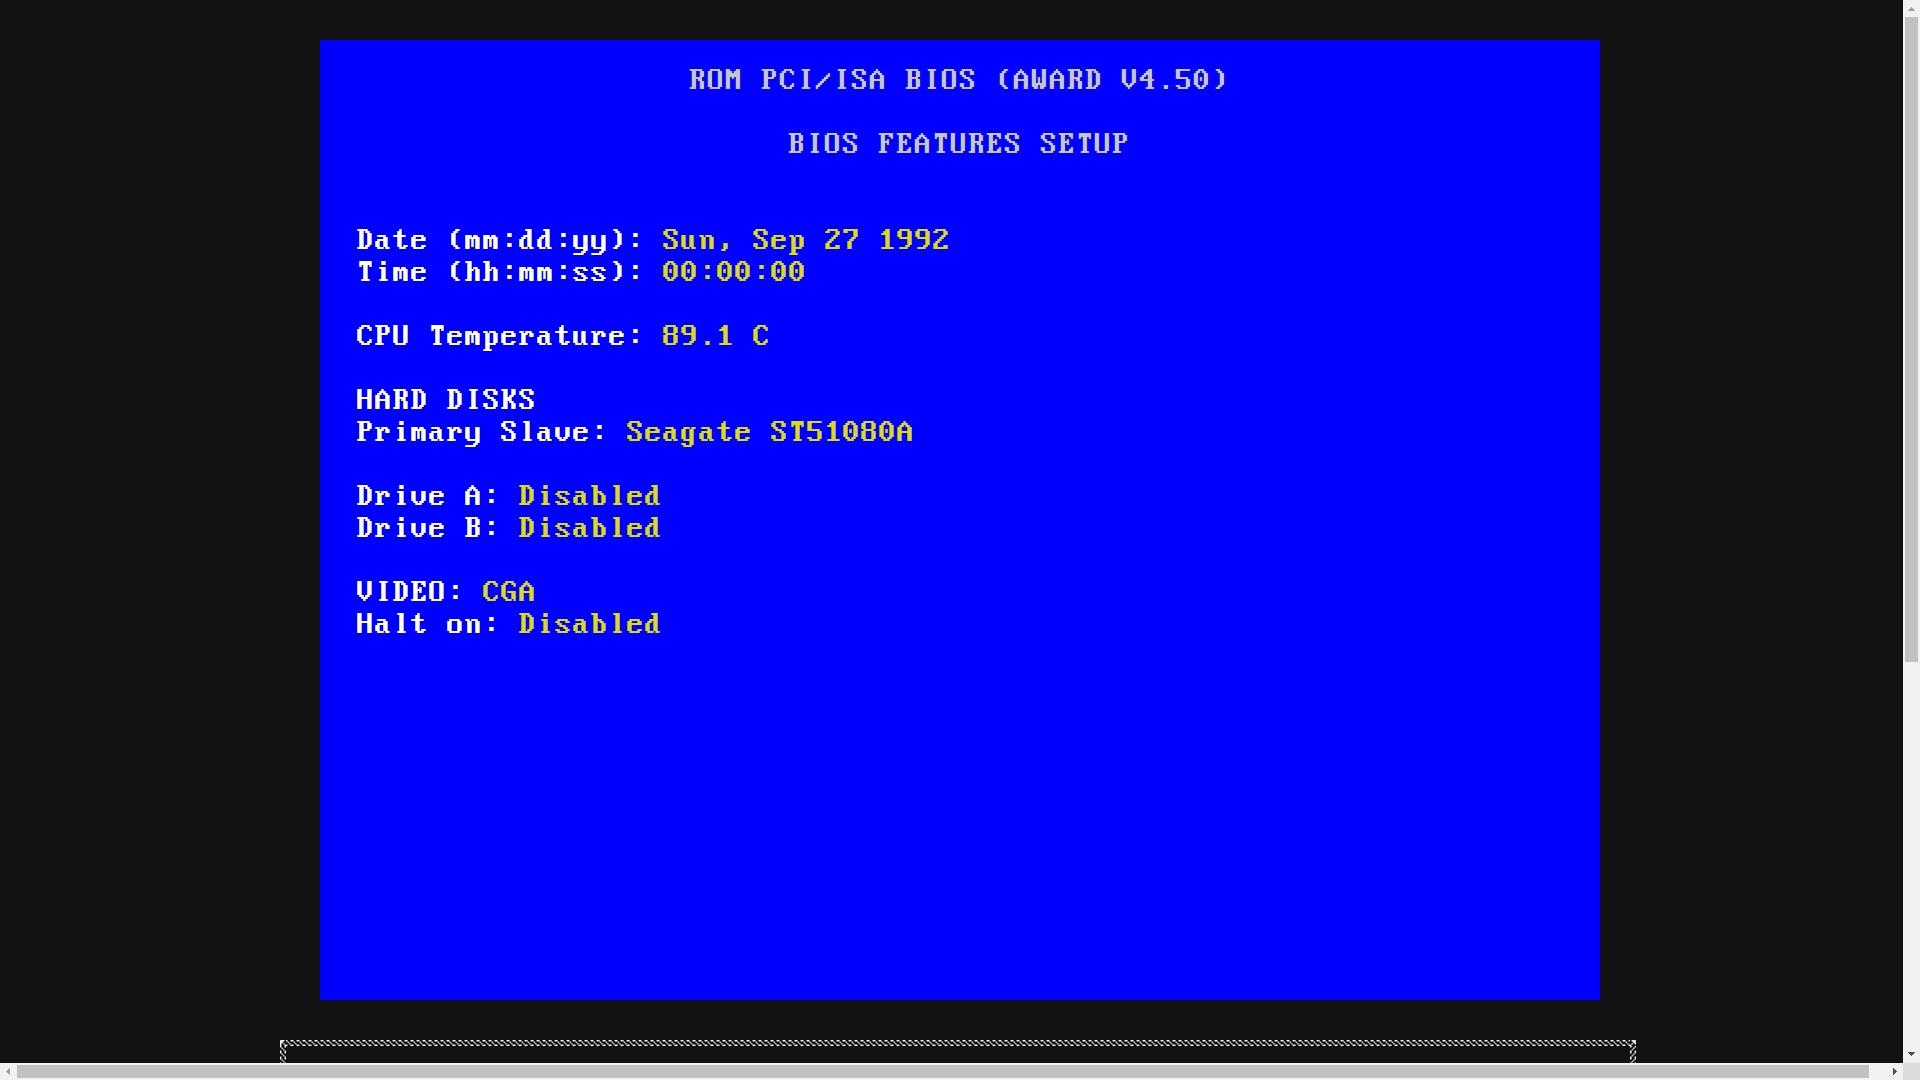 ちなみに、この画面で言及されているSeagate製のハードディスクは、90年代に発売された容量1GBのもののようだ。